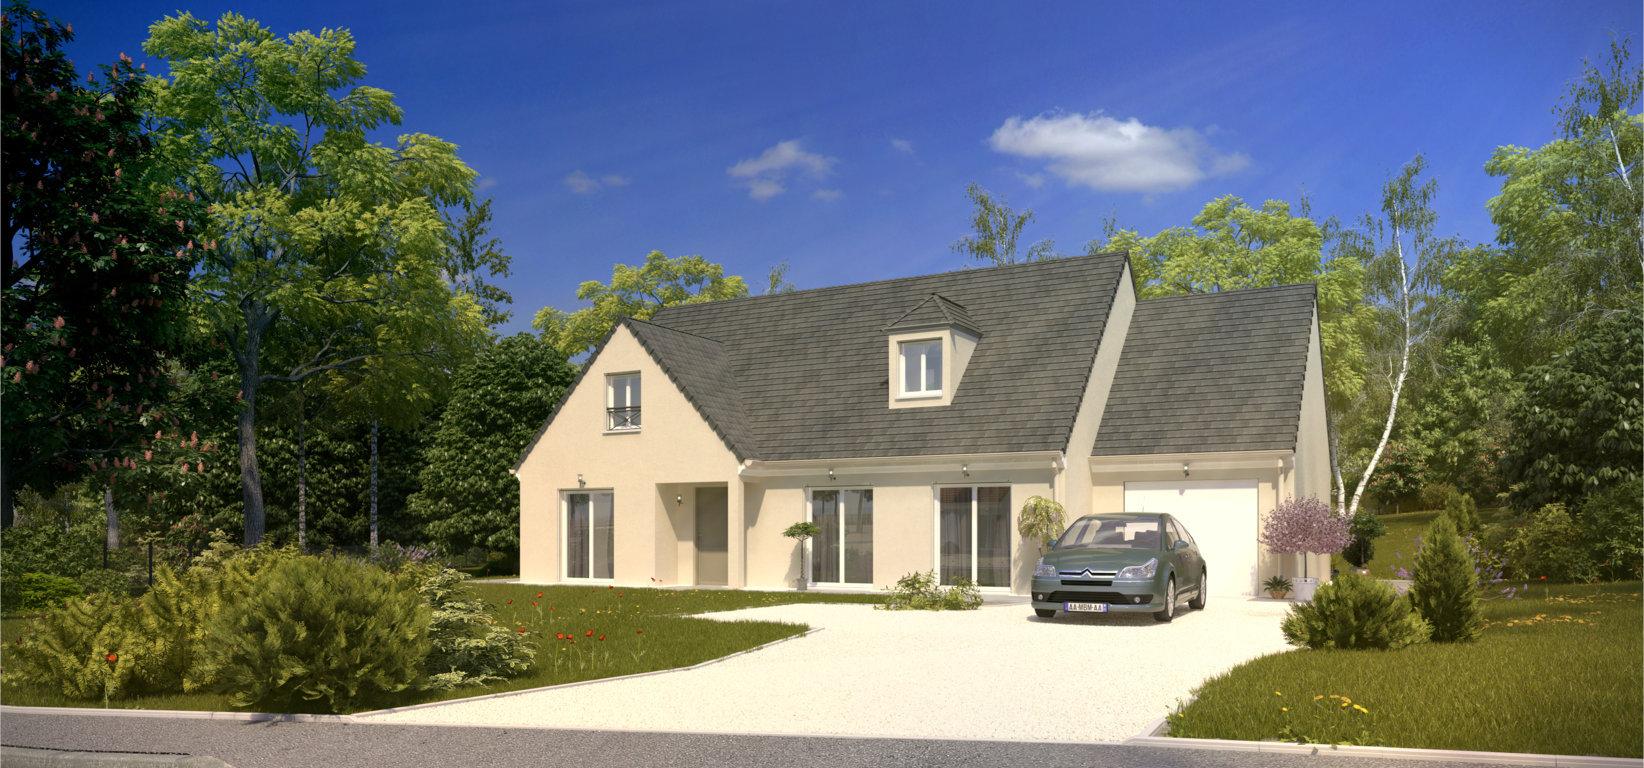 Huis for Maison saint pierre rodez